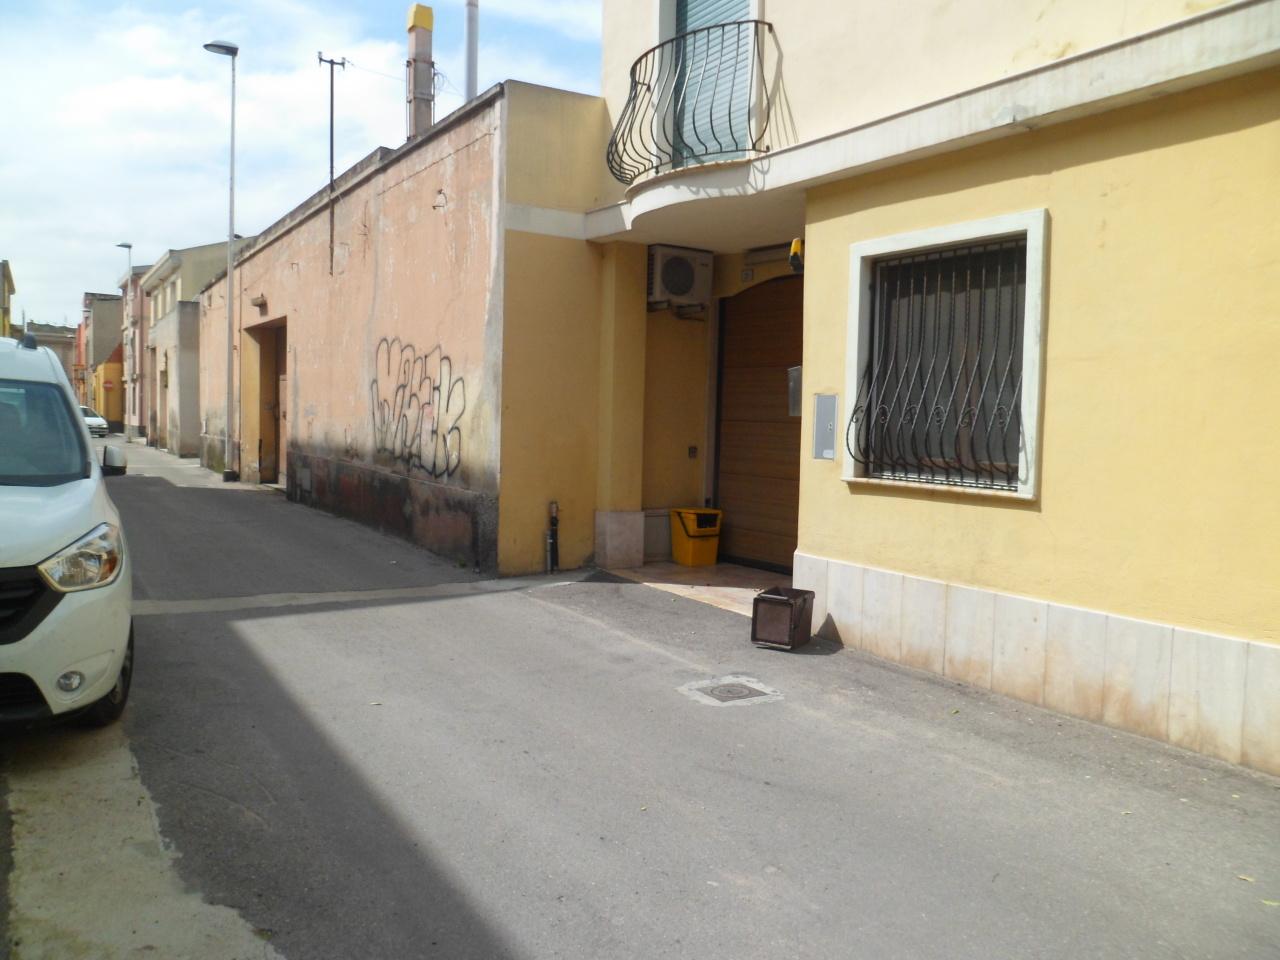 Soluzione Indipendente in vendita a Quartu Sant'Elena, 6 locali, prezzo € 190.000 | Cambio Casa.it